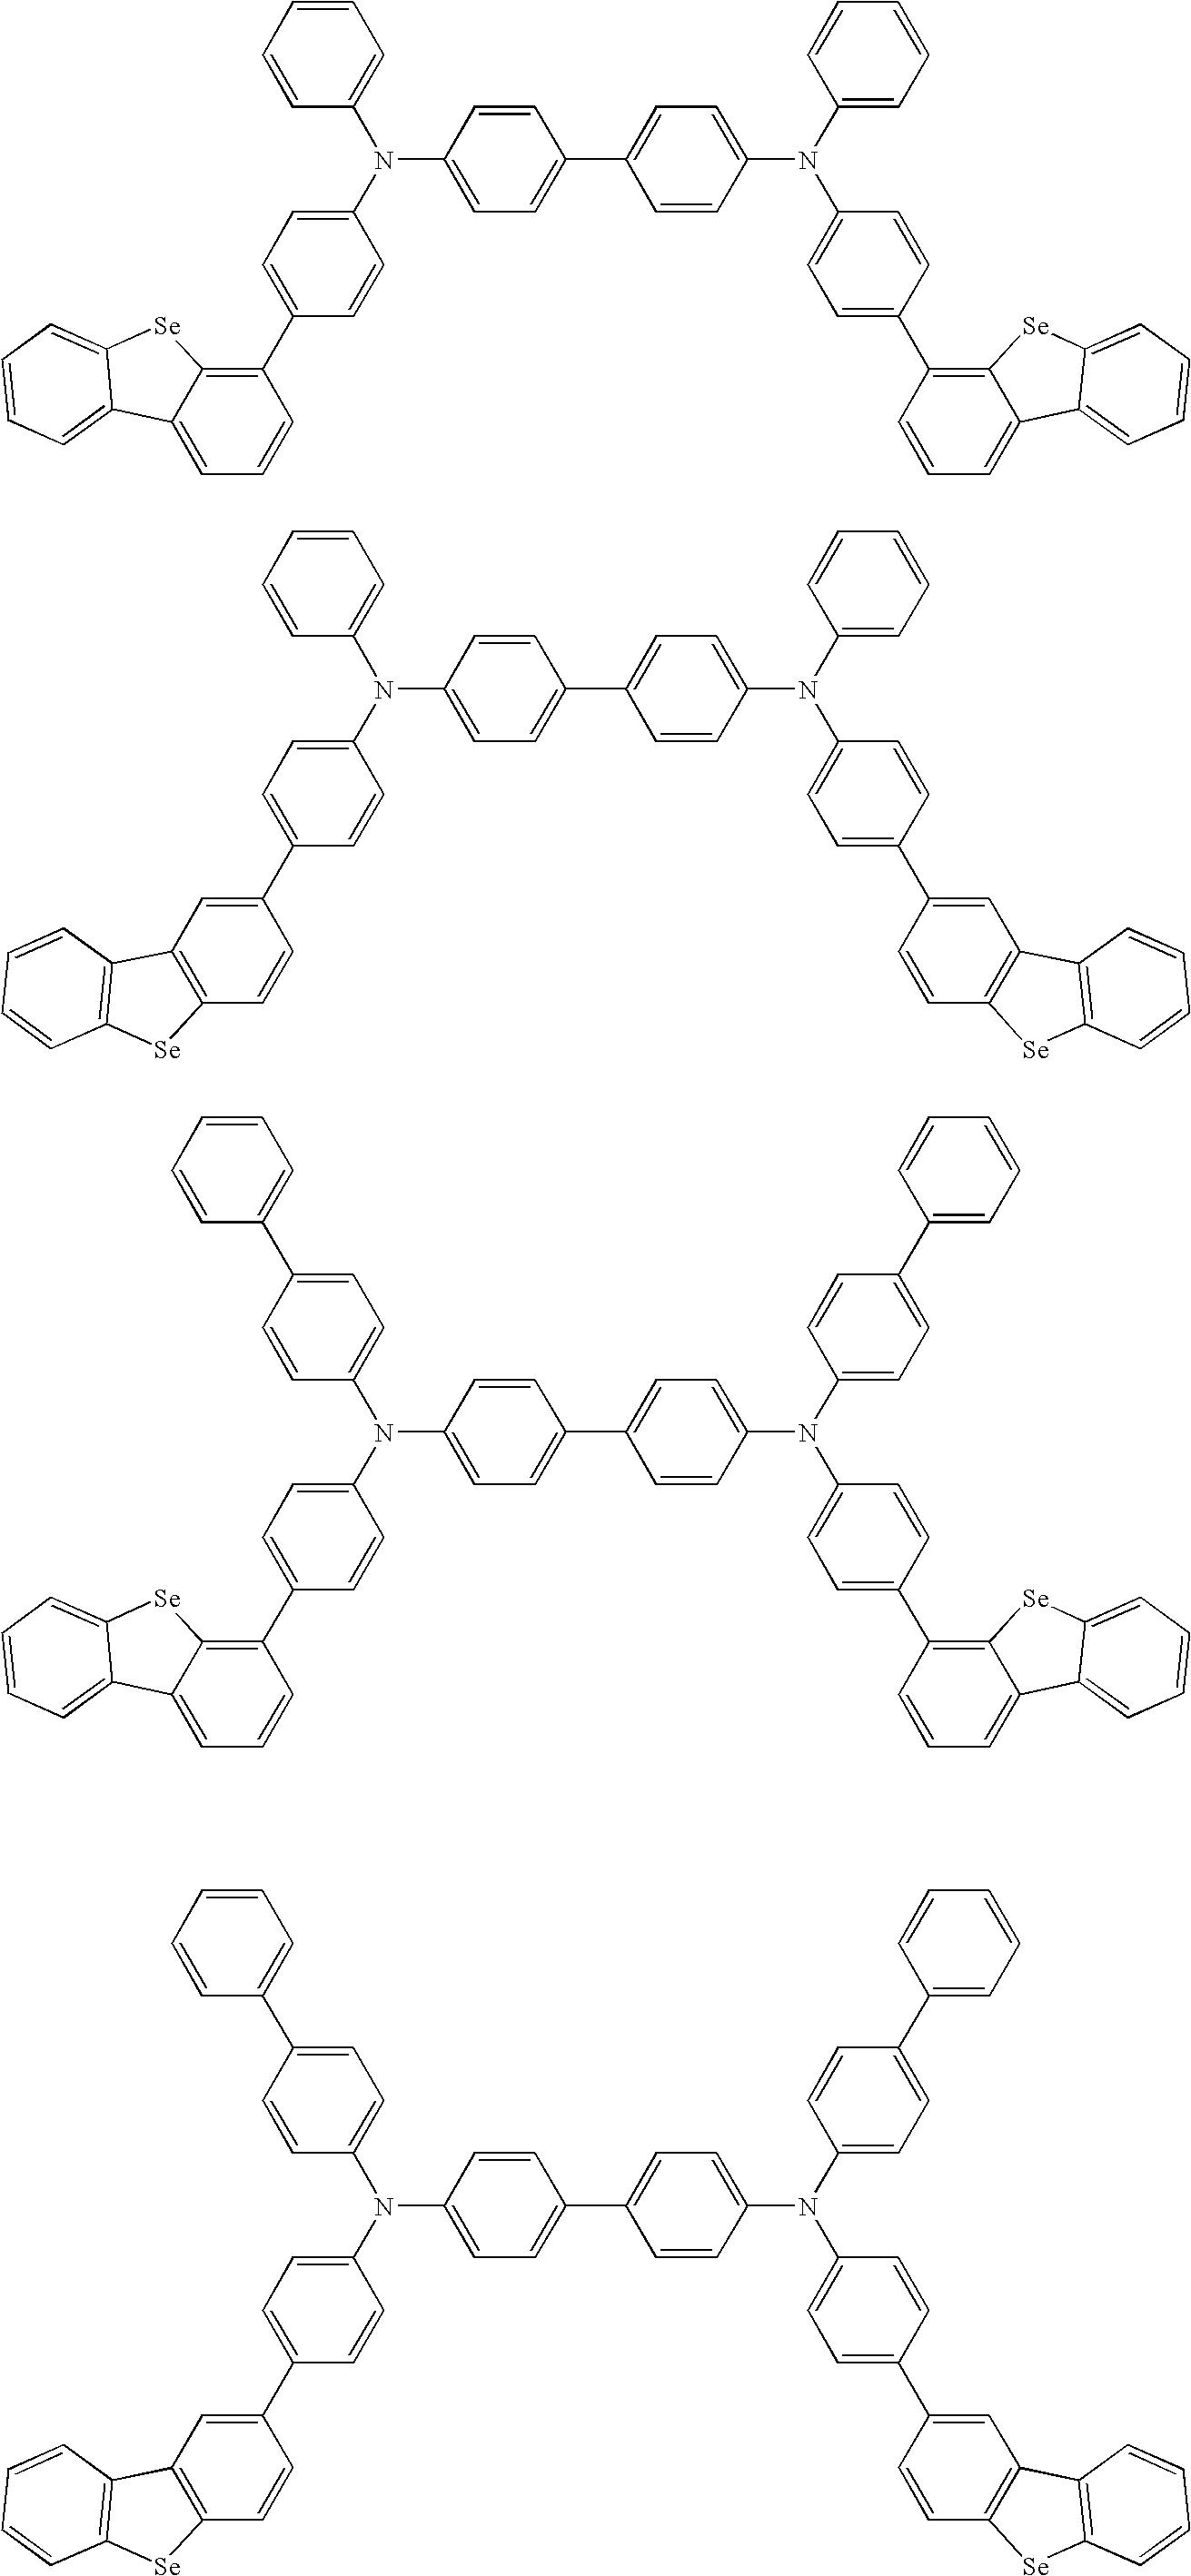 Figure US20100072887A1-20100325-C00239